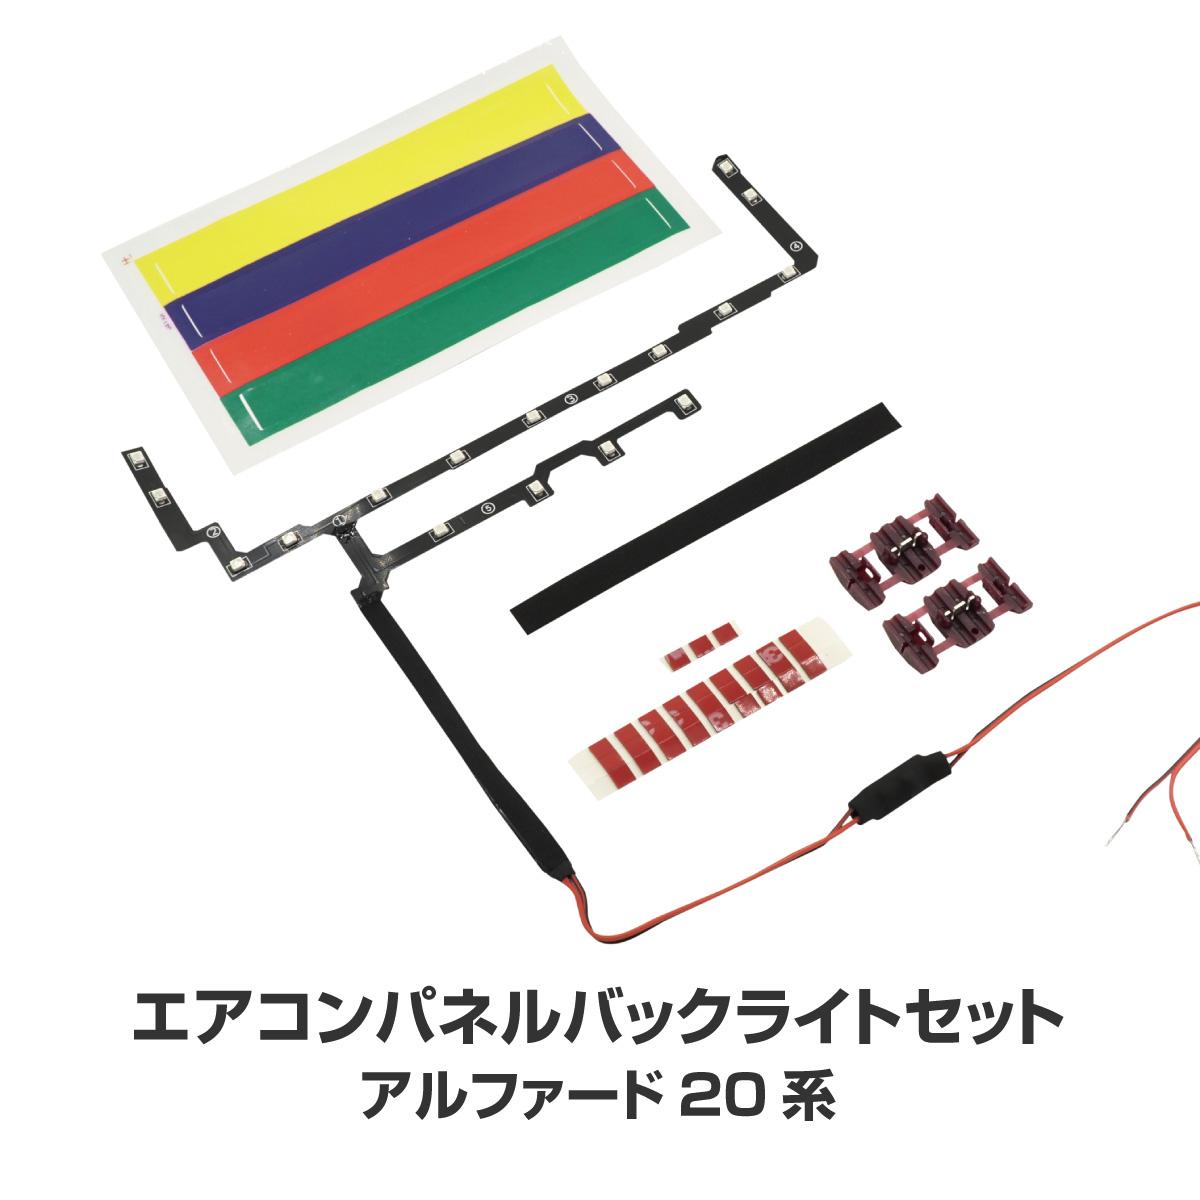 ヴェルファイア 20系 前期 後期 インジケーター LEDカラーチェンジシステム 青 打ち替え作業不要 基板加工無し エアコンパネル スイッチ部バックライト 液晶カラー変更フィルム ブルー レッド グリーン イエロー _59755v